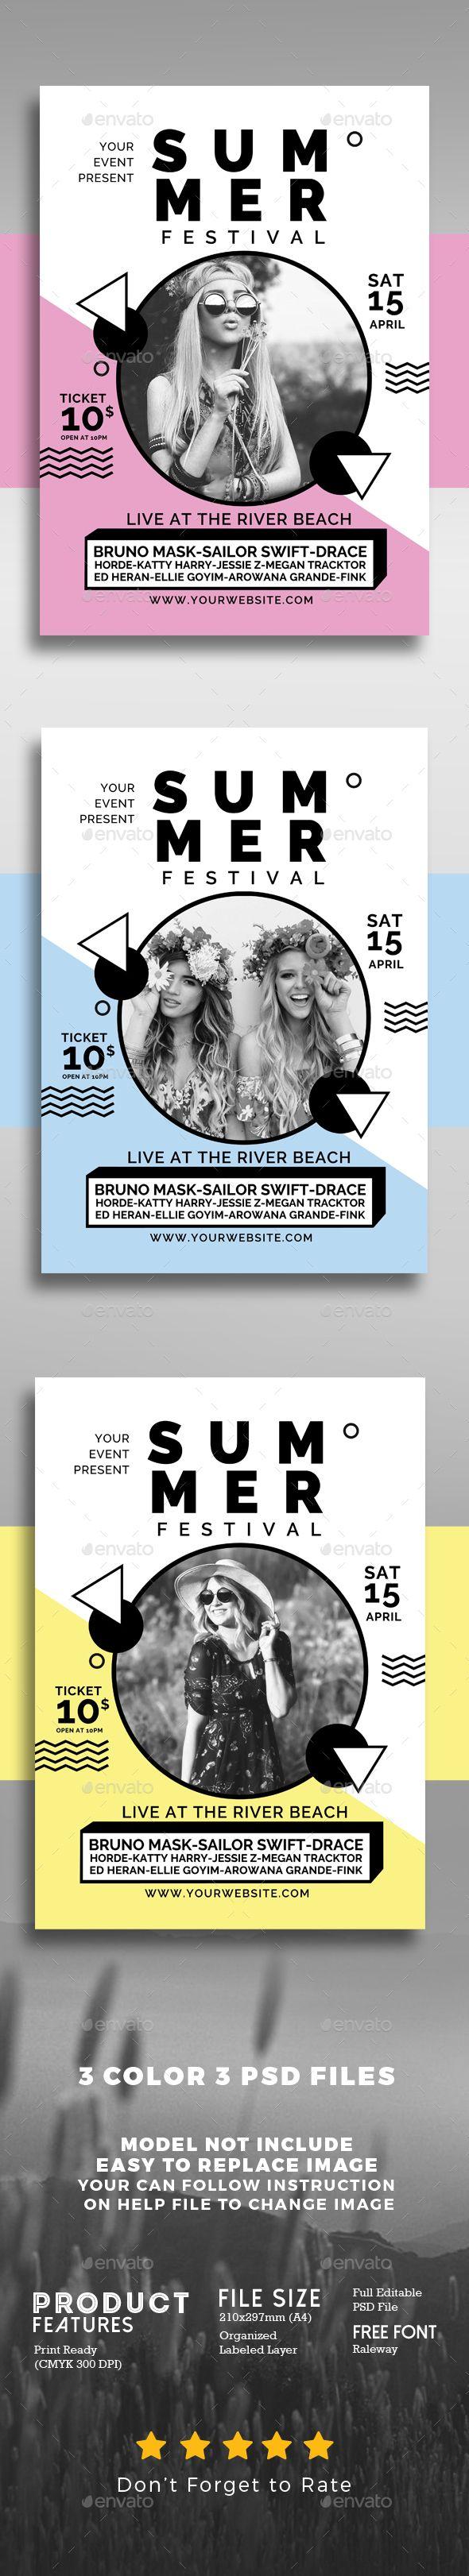 Summer Music Festival Flyer Template PSD